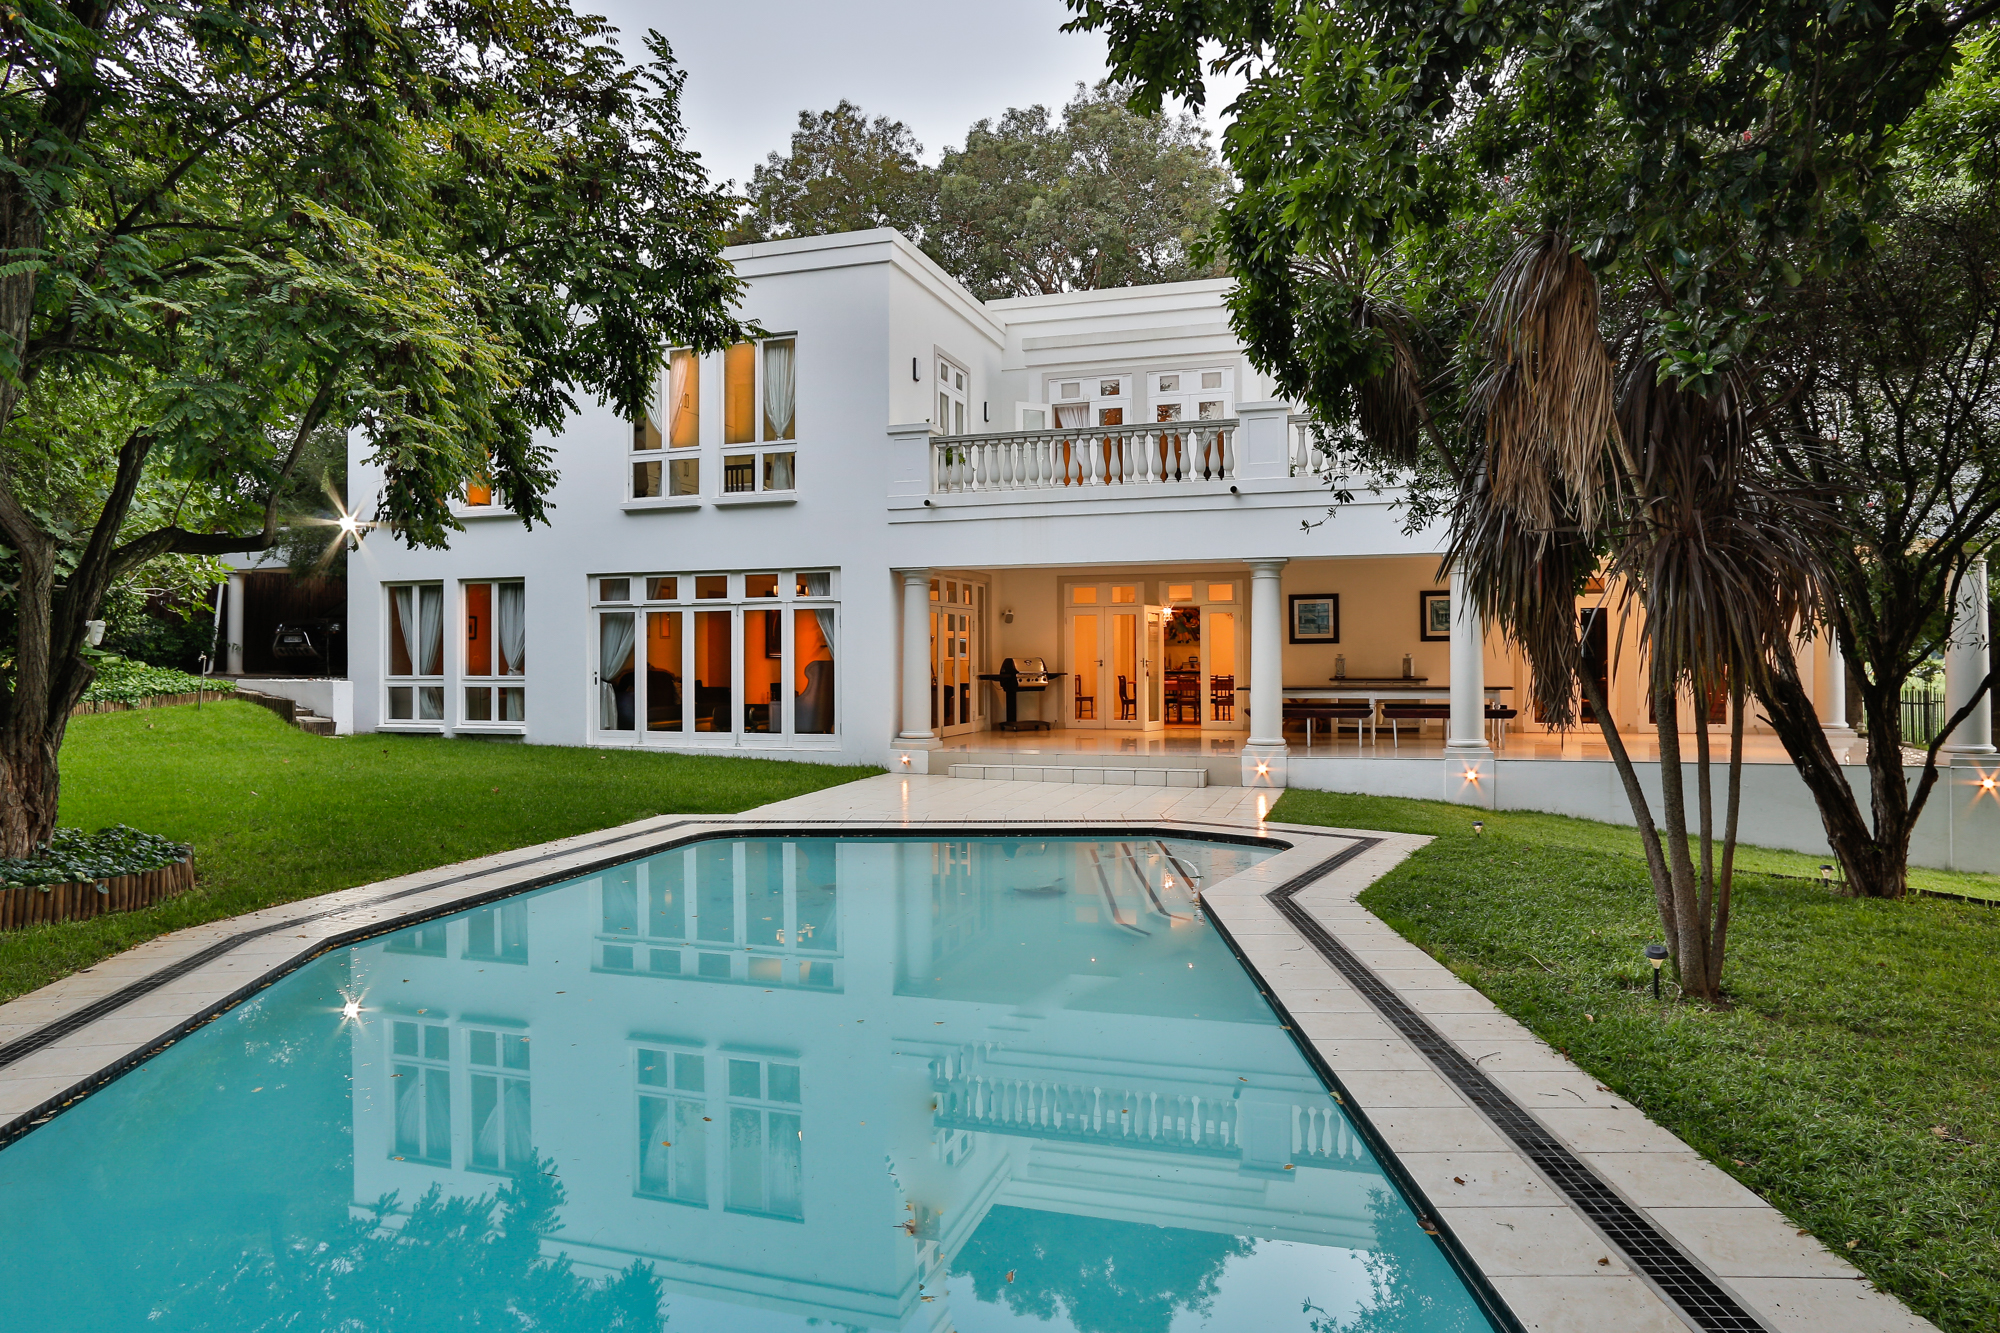 独户住宅 为 销售 在 Family home Johannesburg, 豪登省 2196 南非